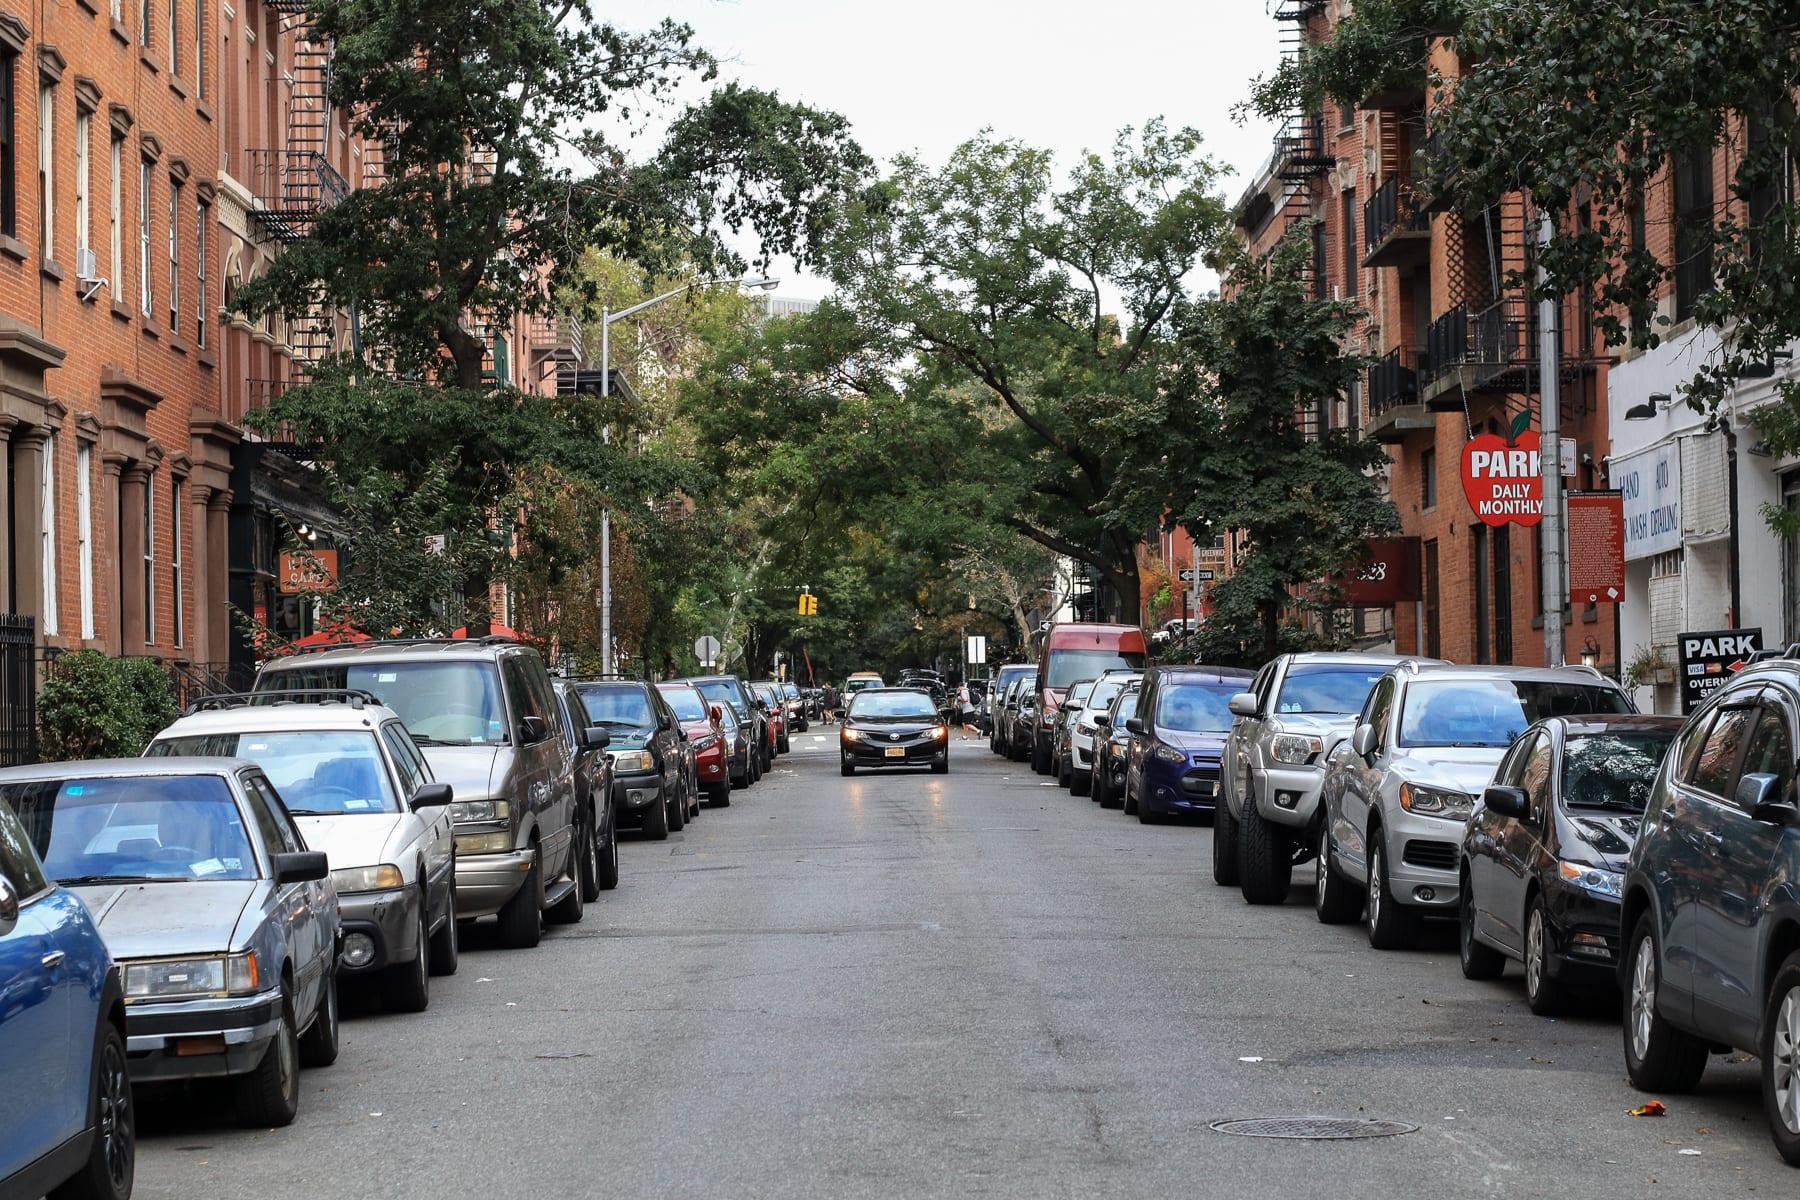 08-NY-journey-citystreet01.jpg